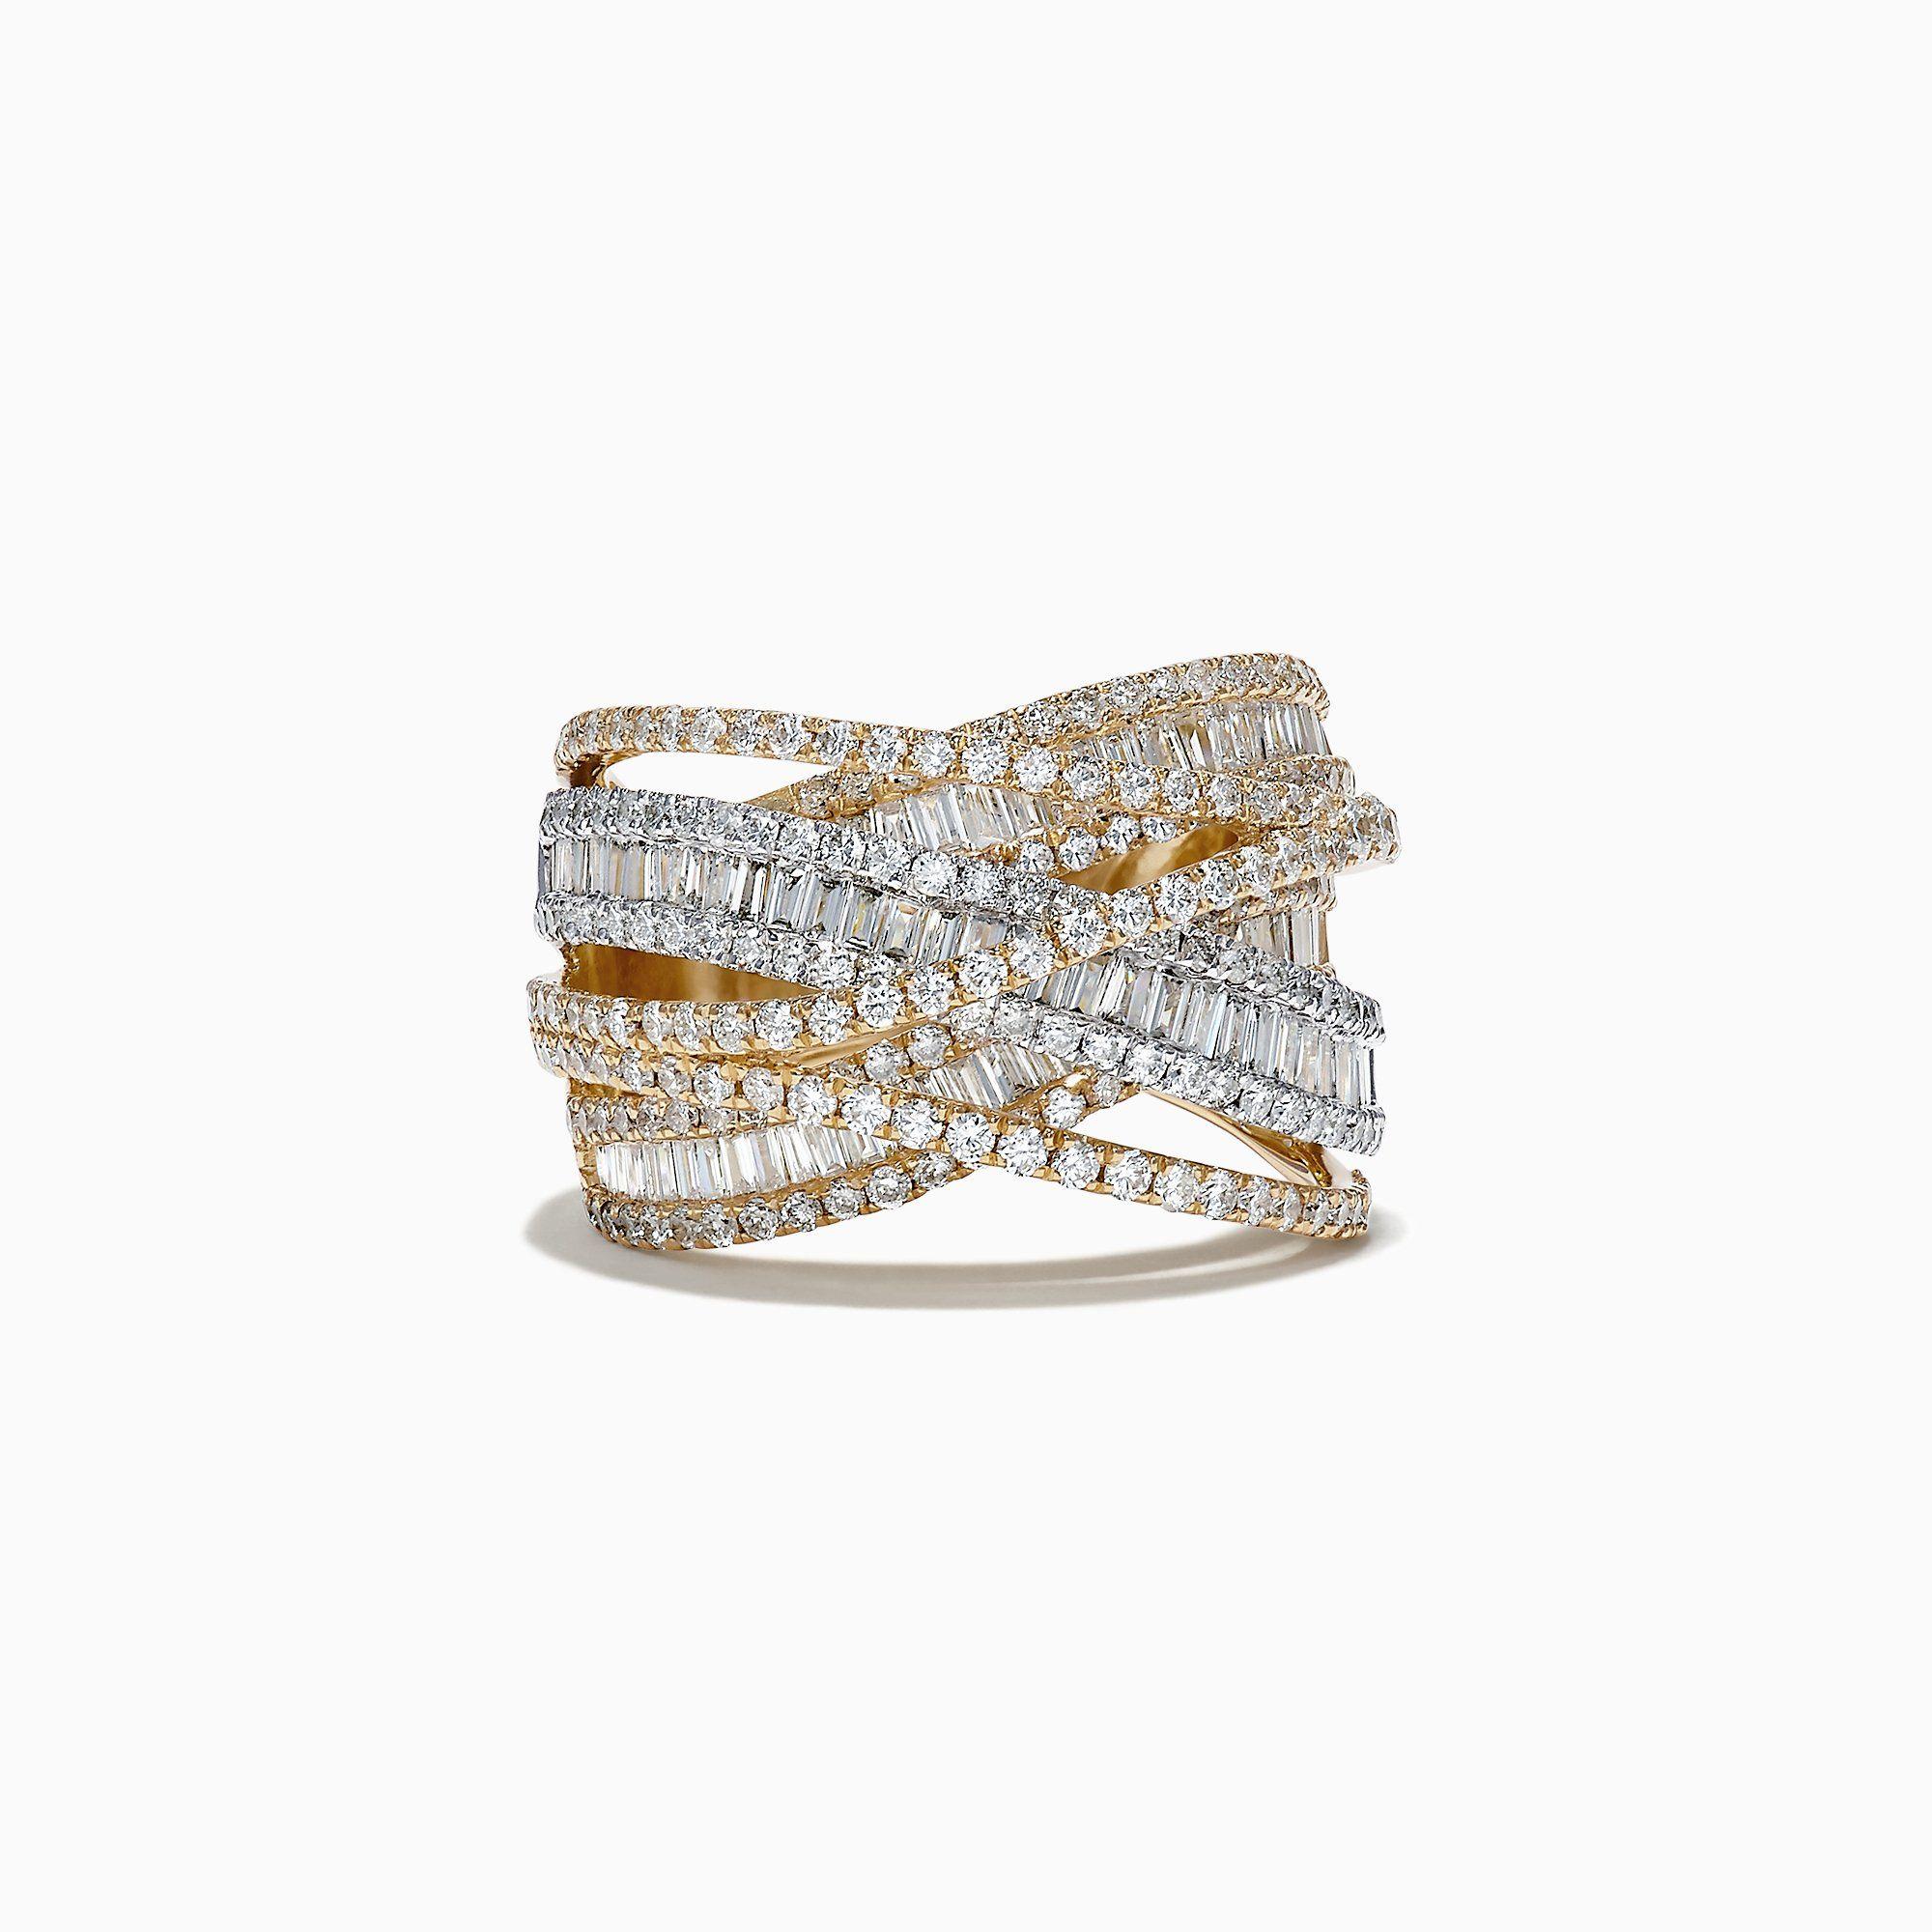 Effy Duo 14k White And Yellow Gold Diamond Crossover Ring 2 75 Tcw In 2020 Crossover Diamond Ring Yellow Gold Diamond Ring Crossover Ring